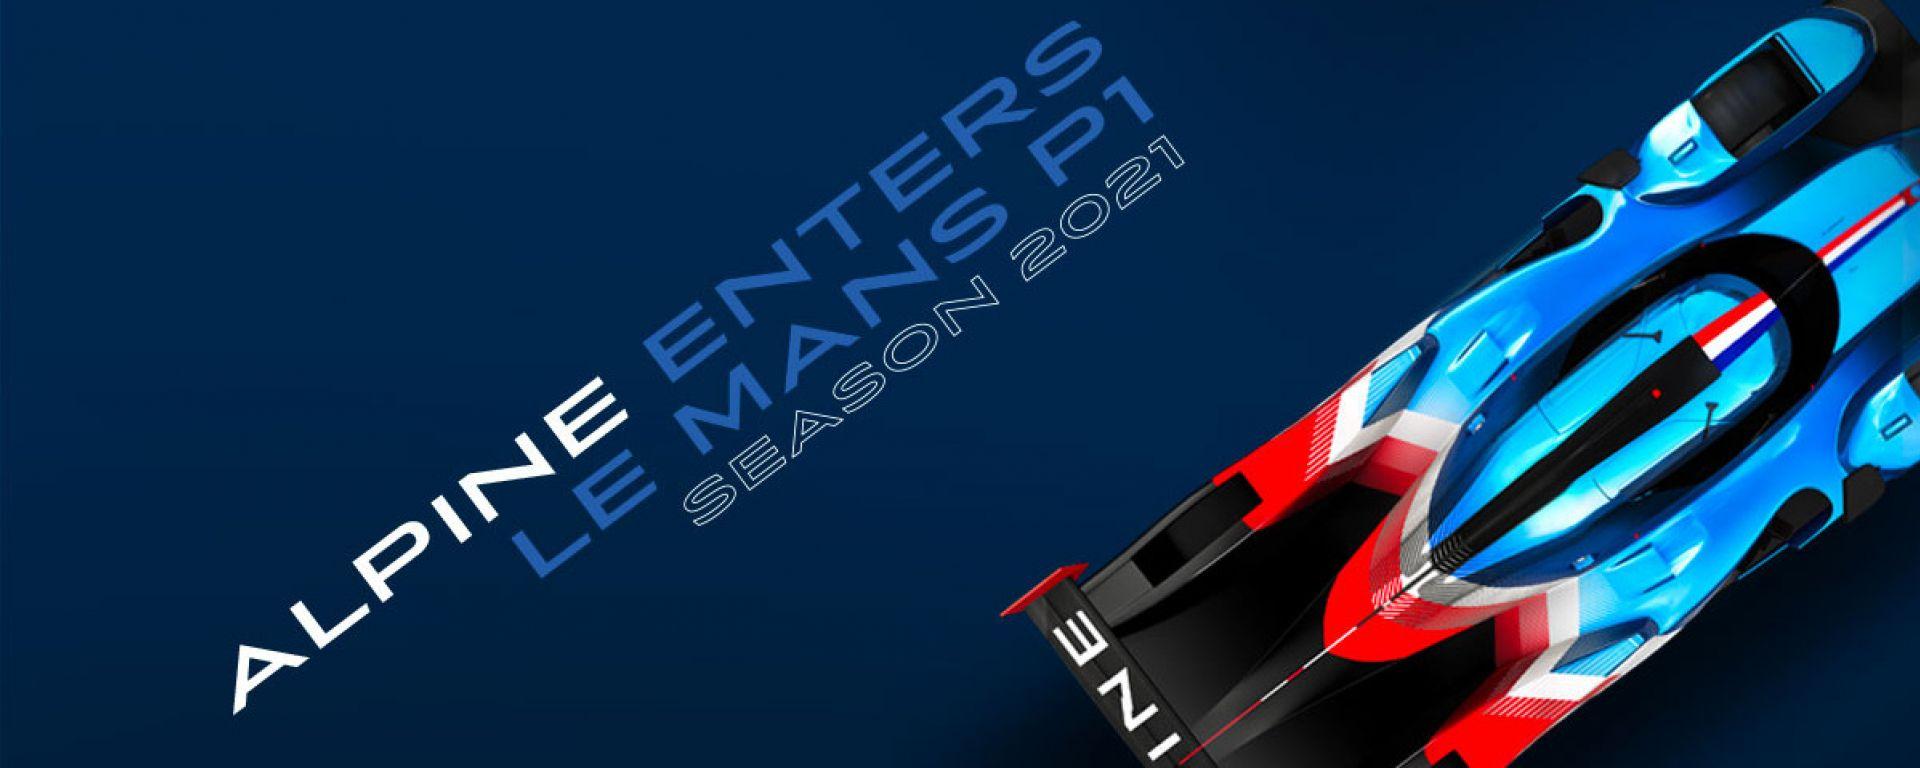 Alpine, ufficiale l'esordio nella classe LMP1 del Wec 2021